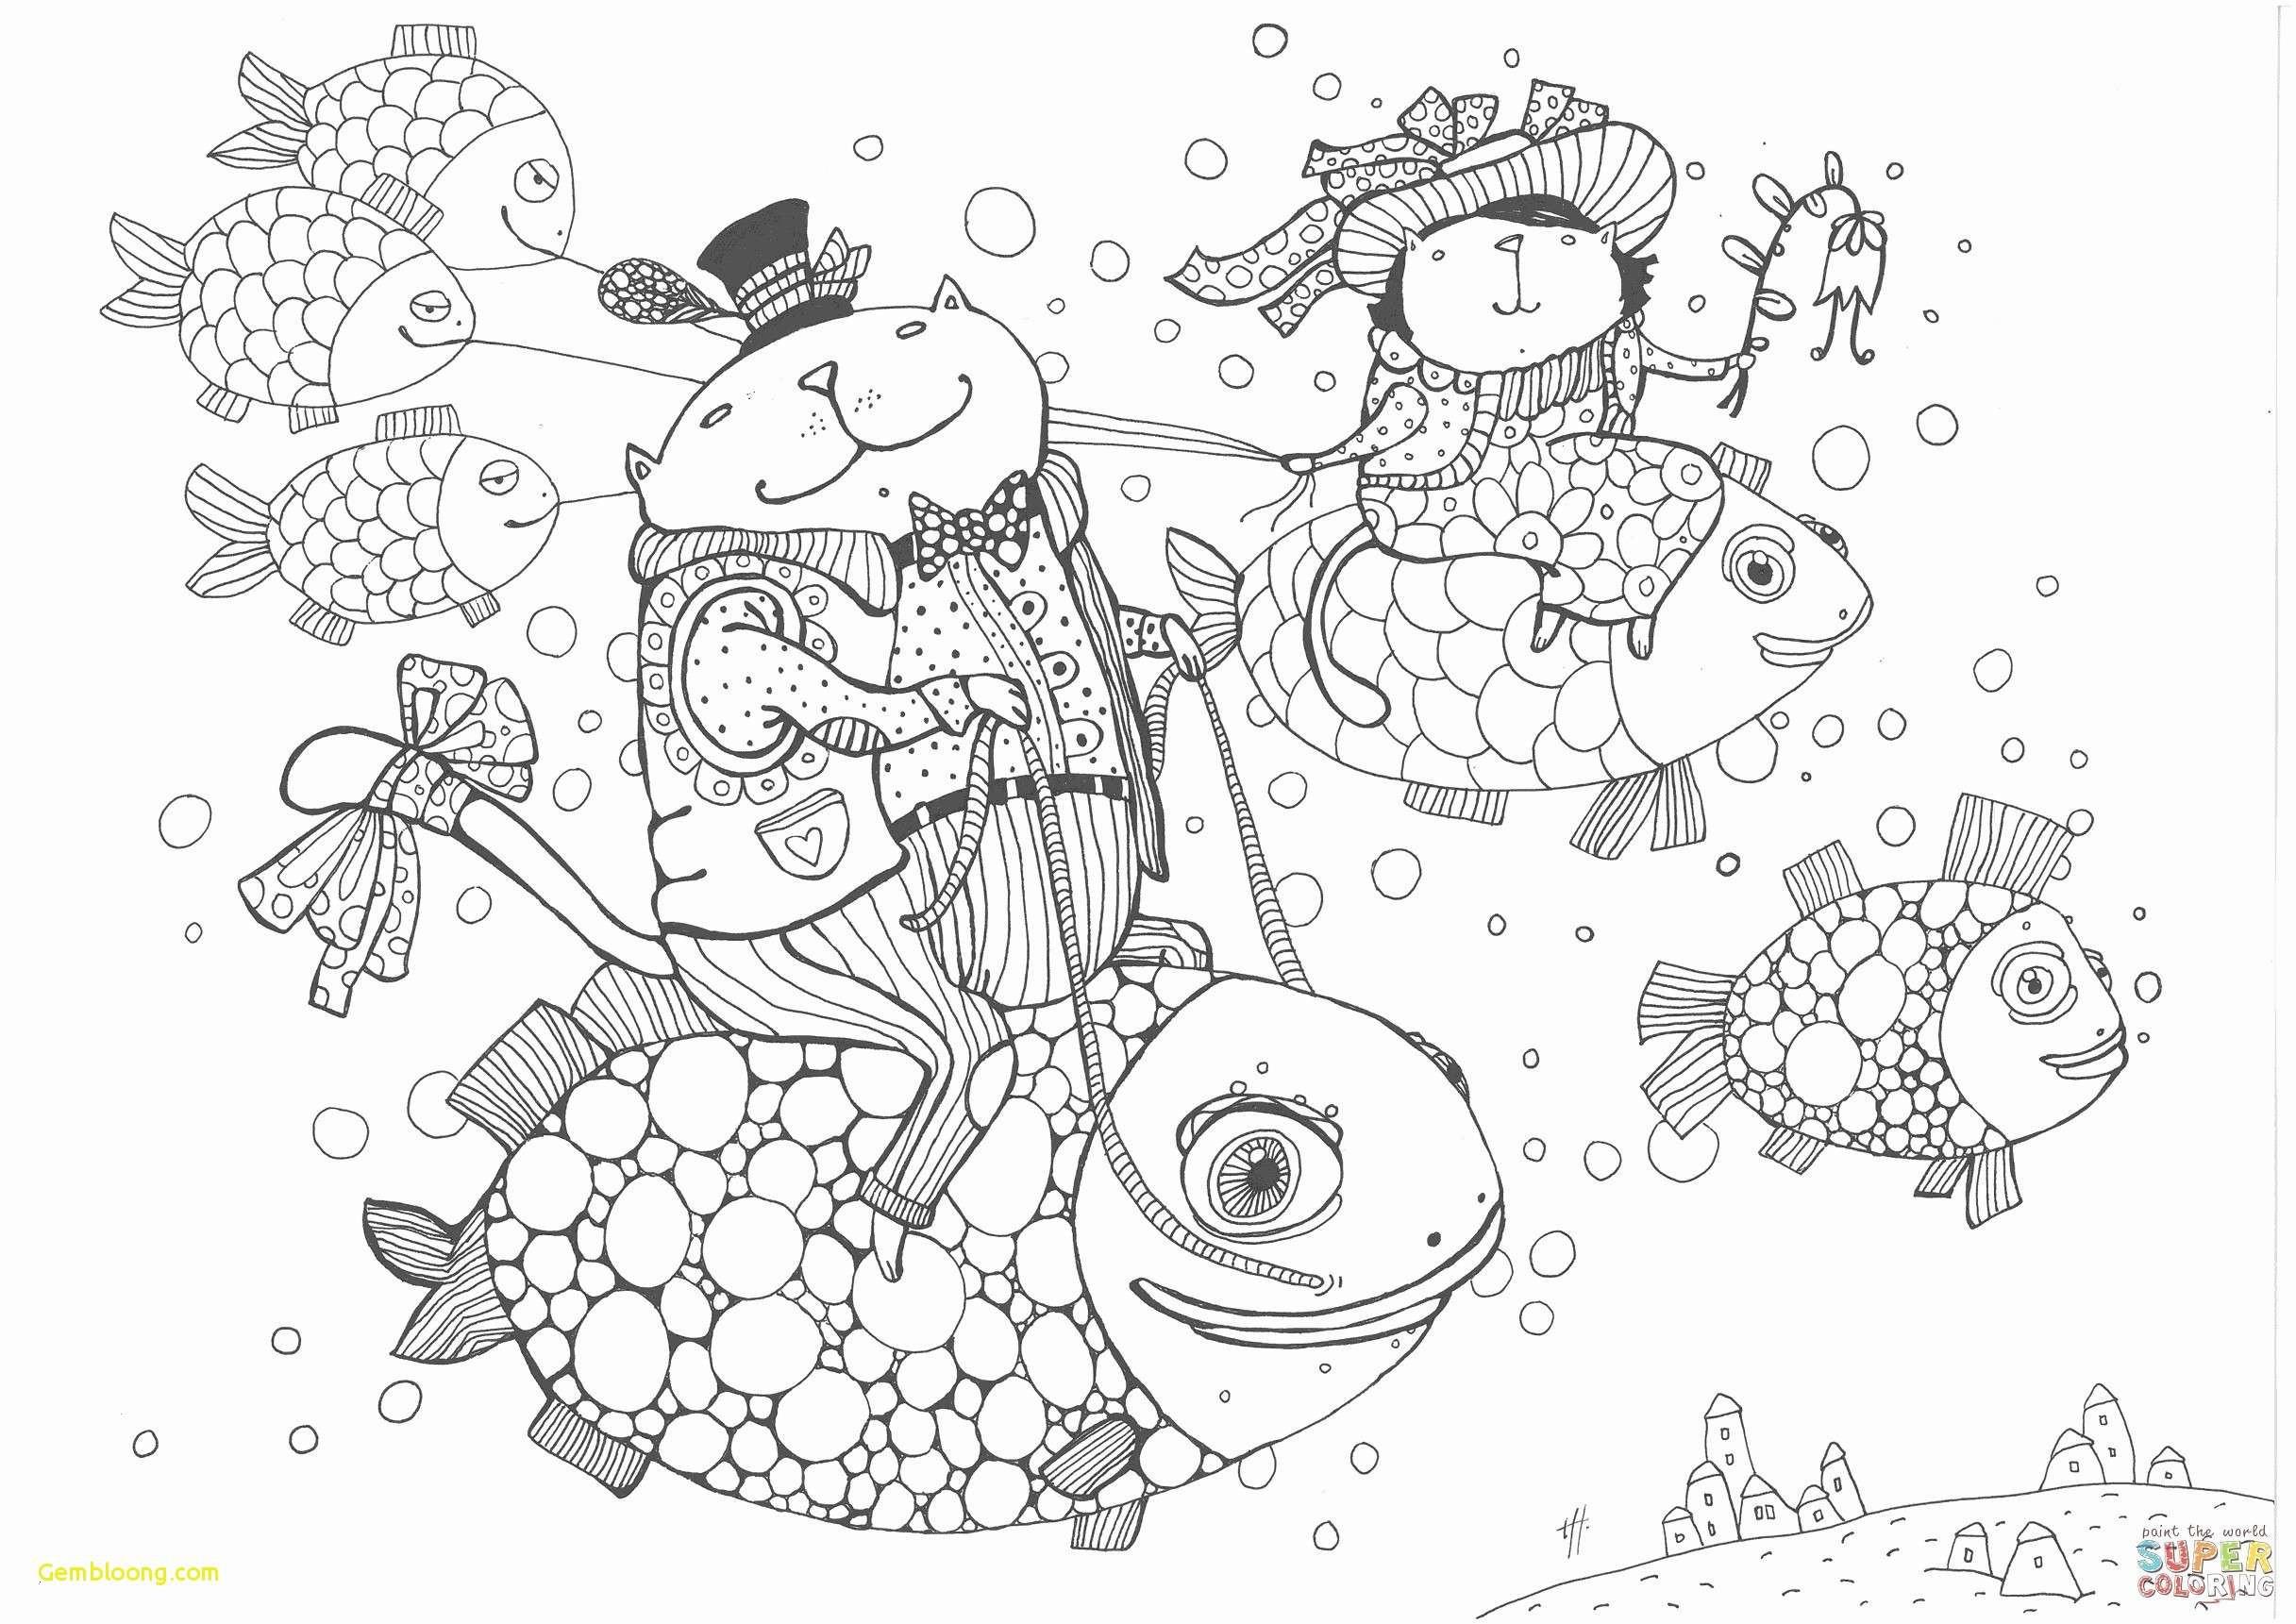 Ostereier Ausmalbilder Zum Ausdrucken Inspirierend Ostereier Malvorlagen Ausdrucken Elegant Verschiedene Bilder Färben Bilder